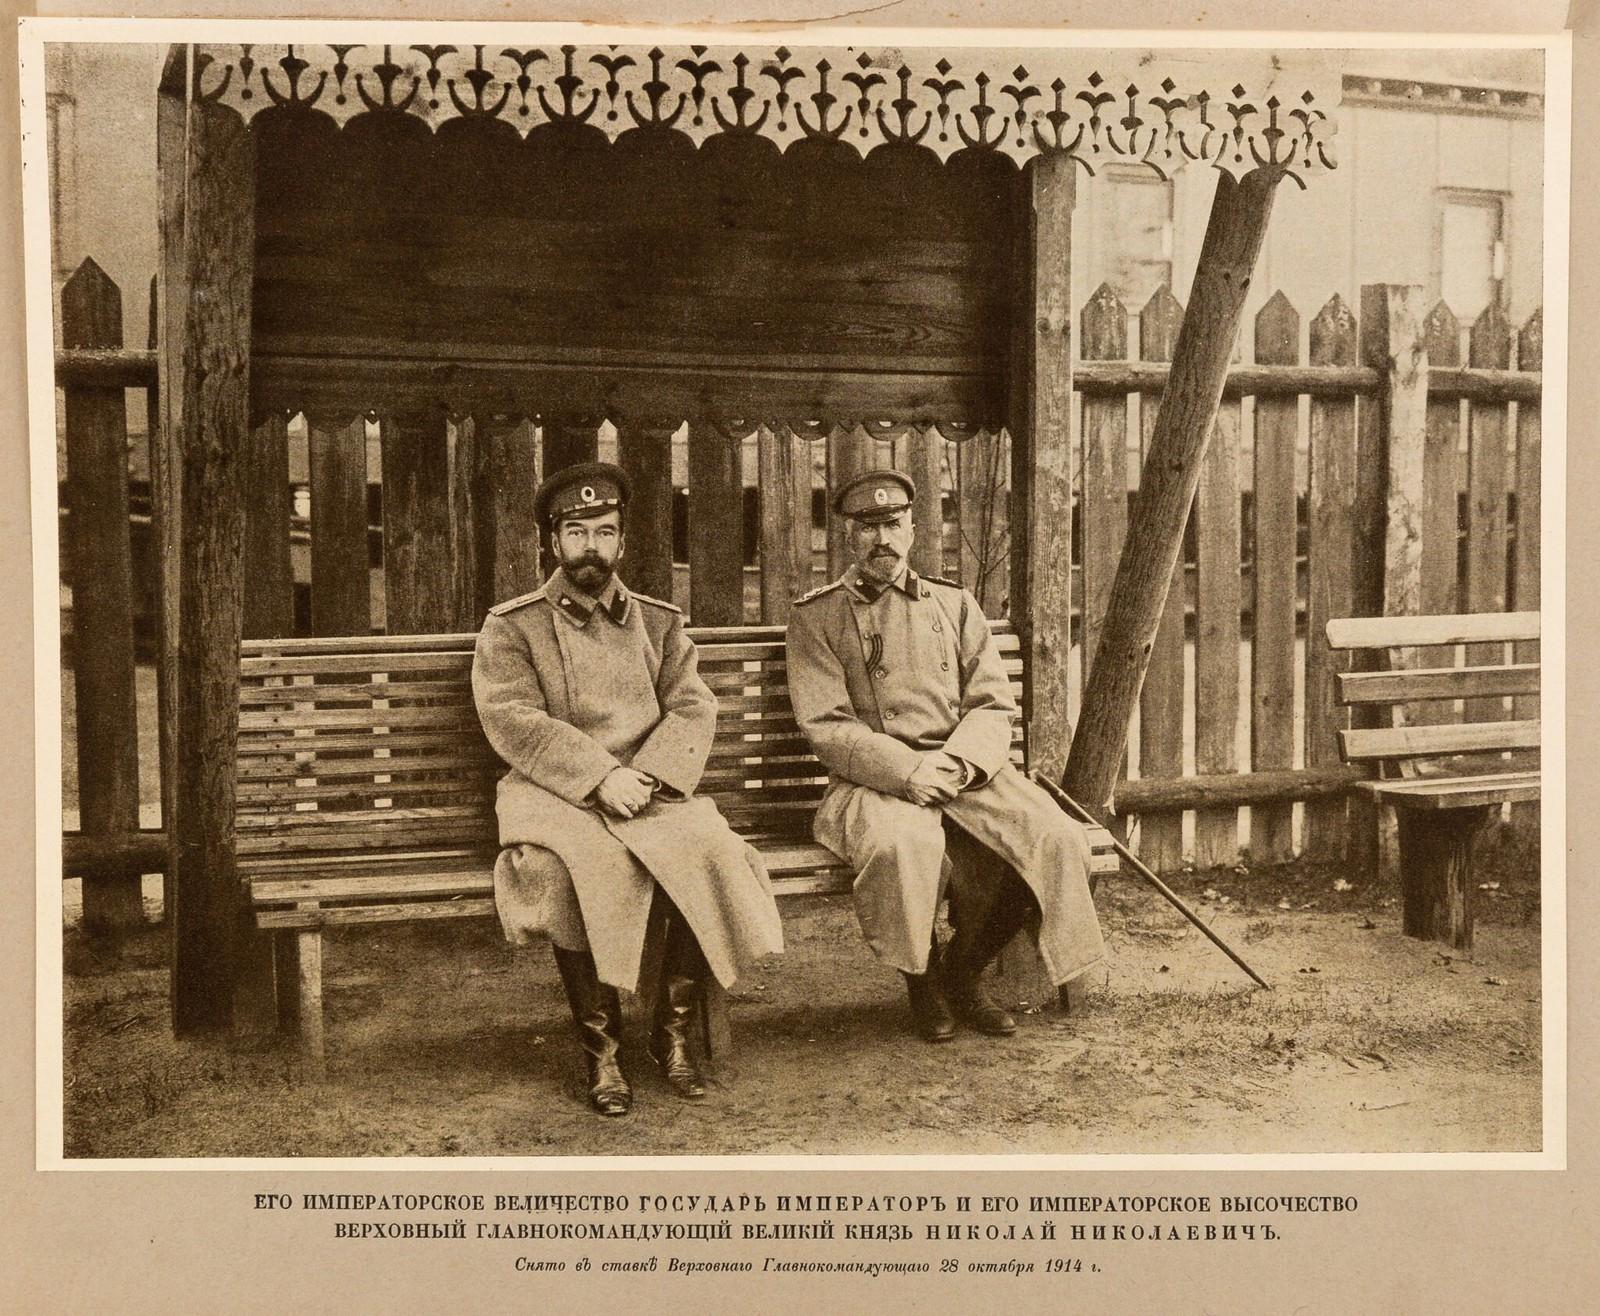 1914. Император Николай II и великий князь Николай Николаевич. Ставка главнокомандующего